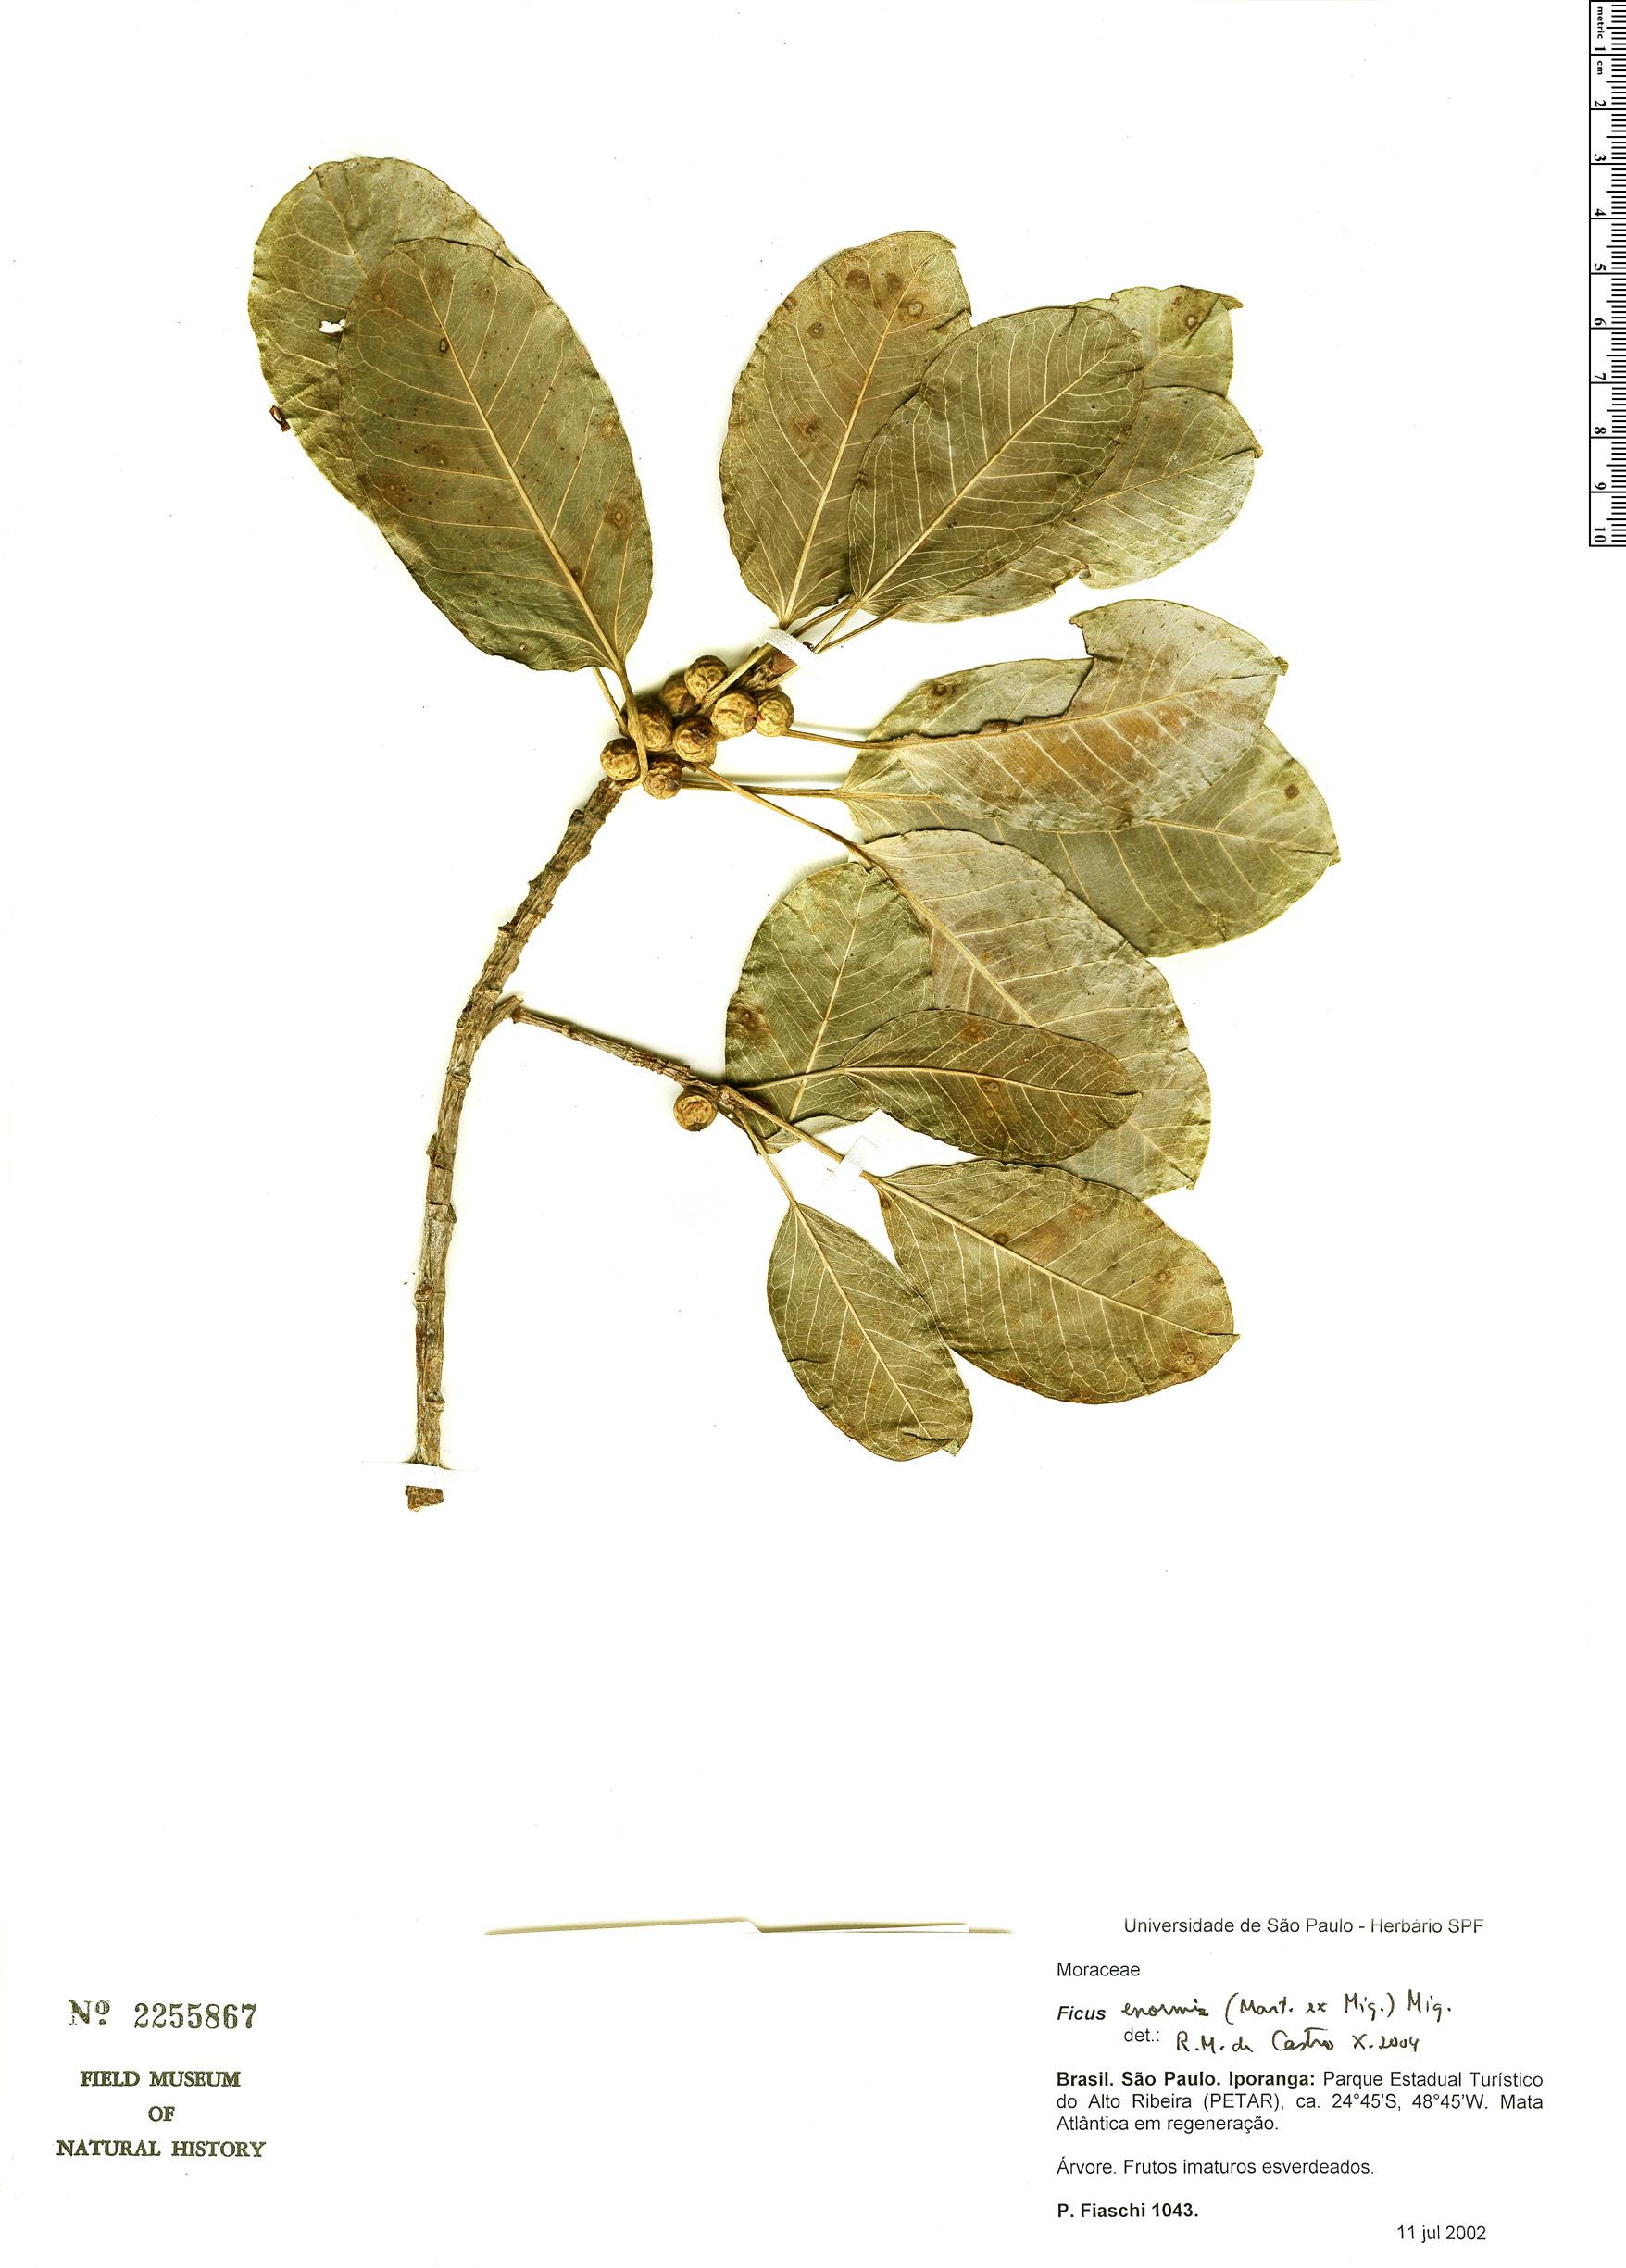 Specimen: Ficus enormis